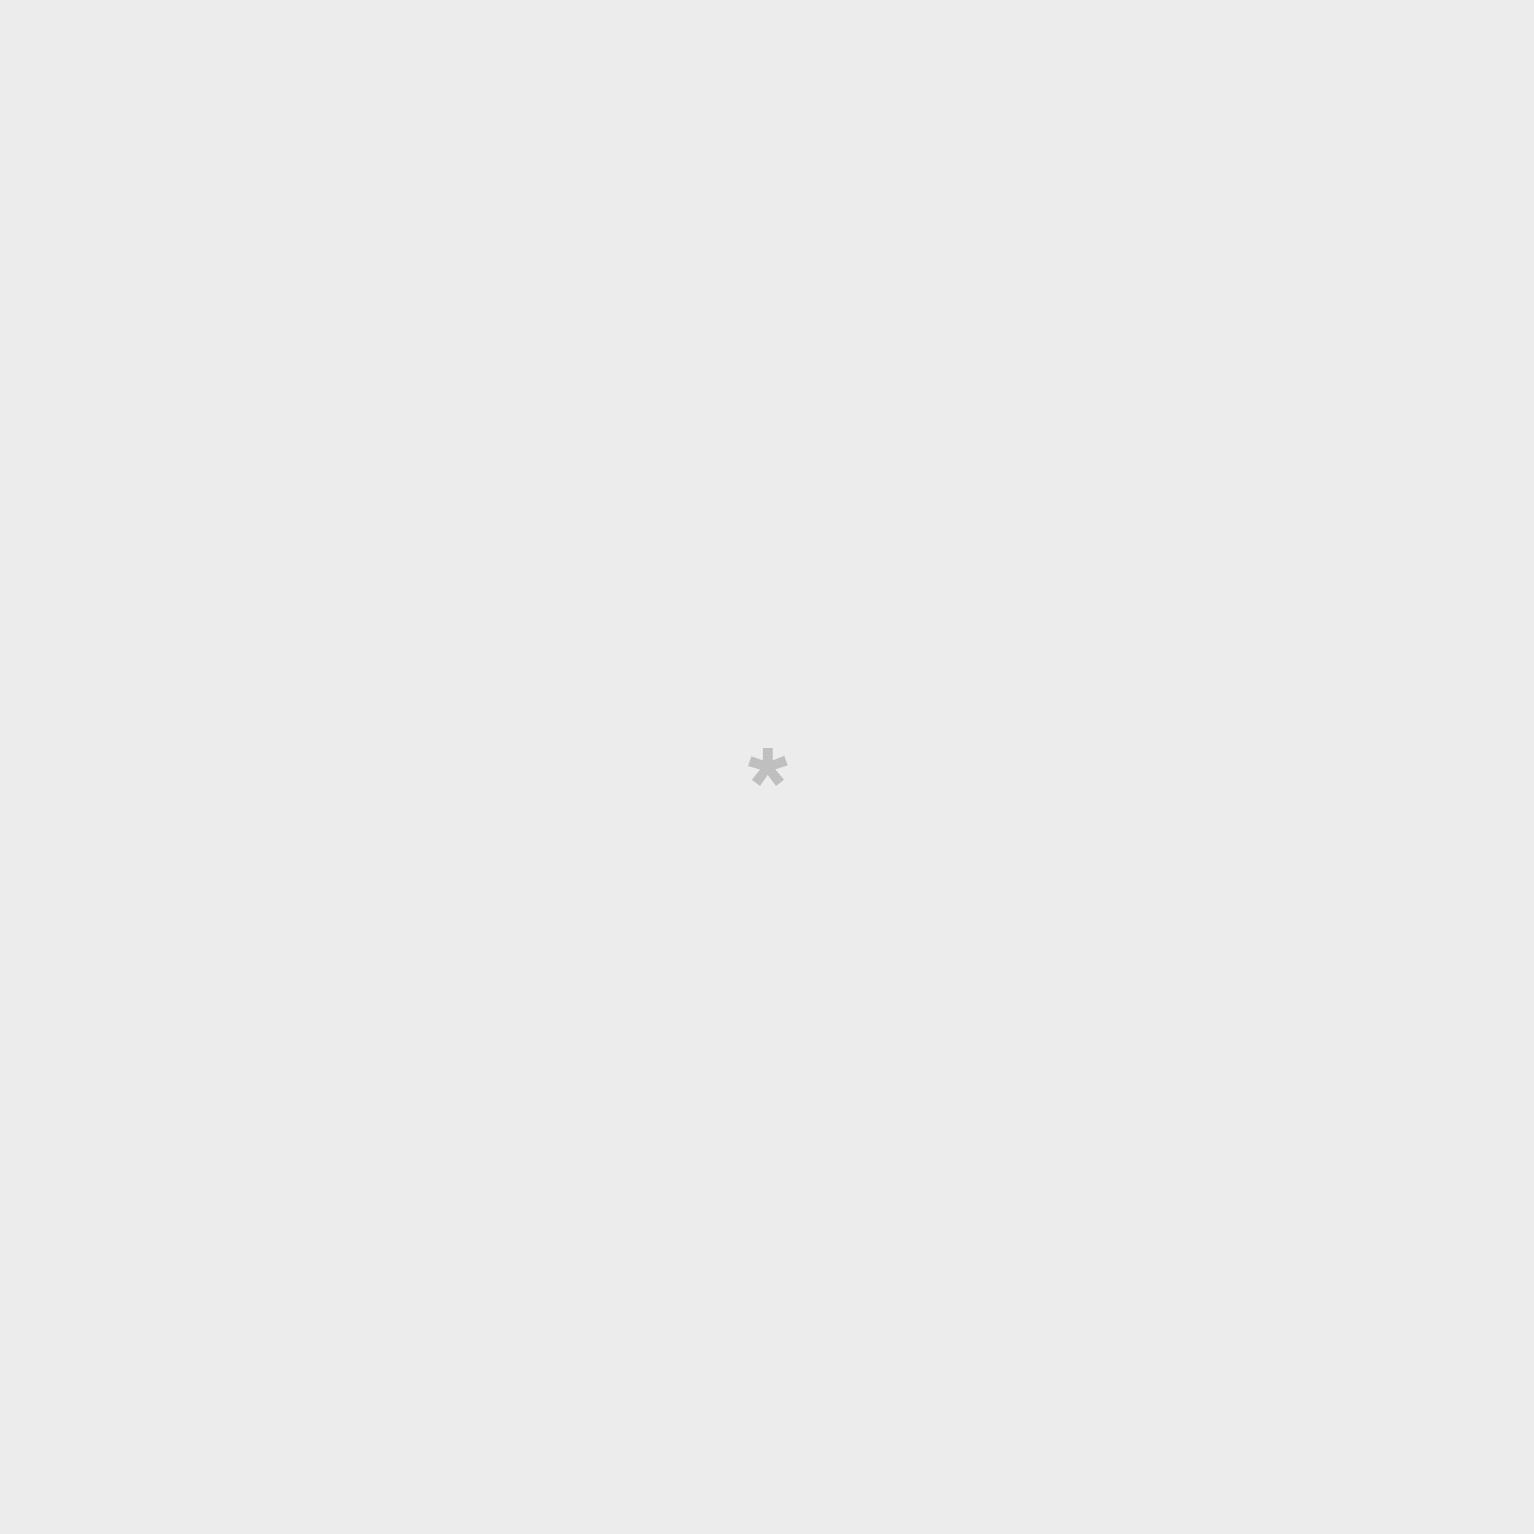 Set de 2 stylos pour raconter de nouvelles histoires